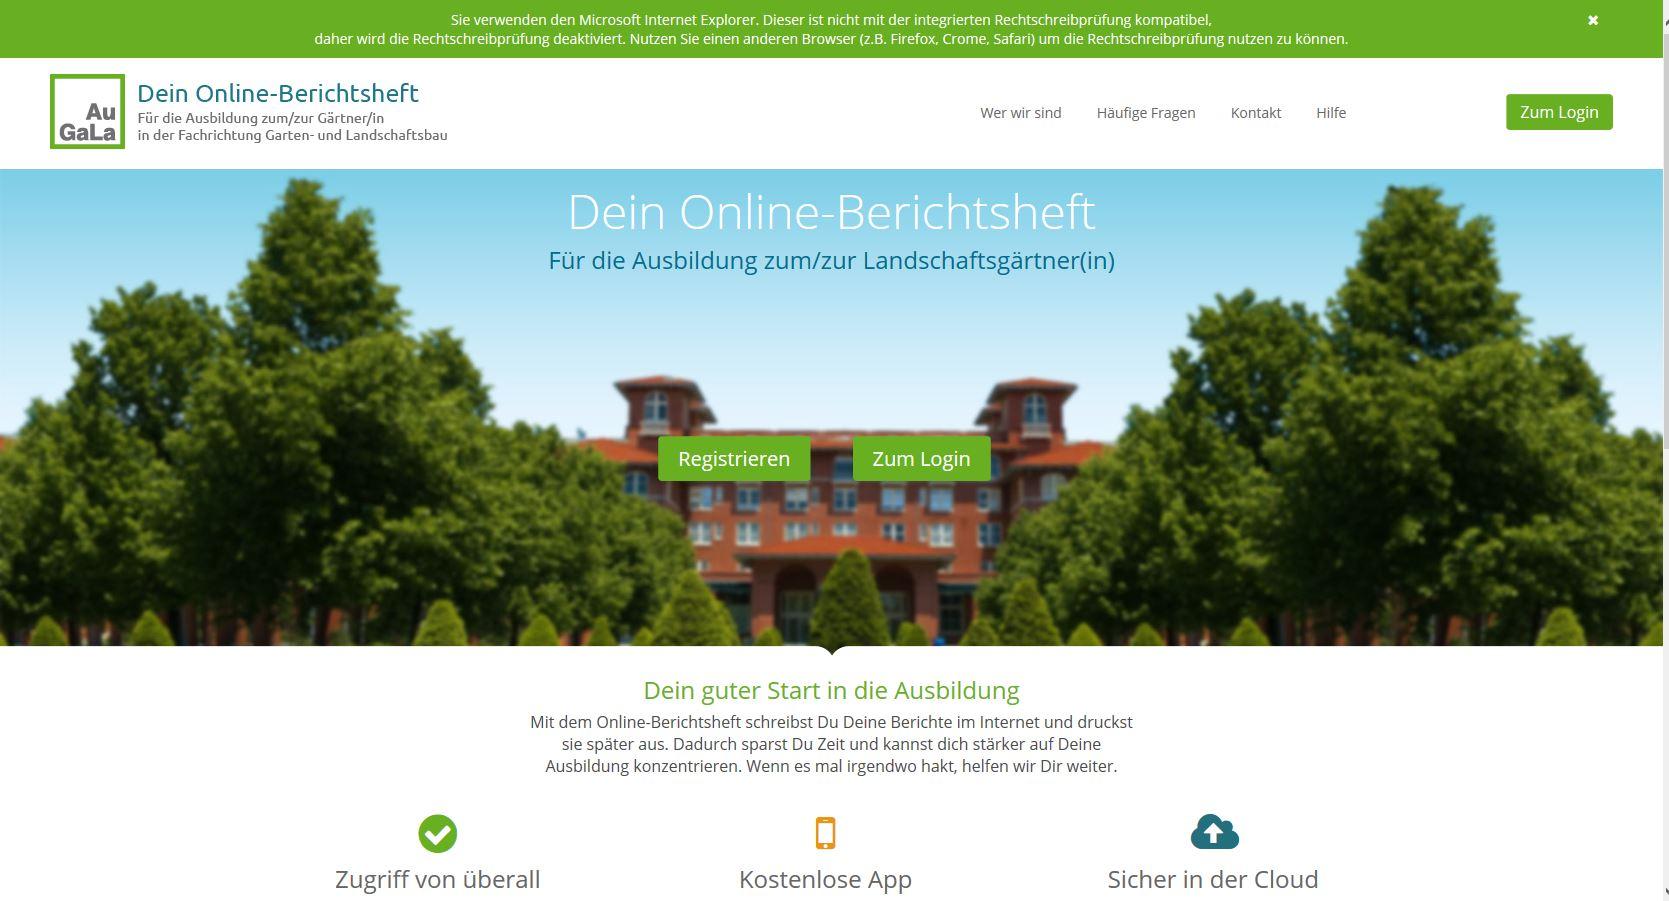 Online - Berichtsheft